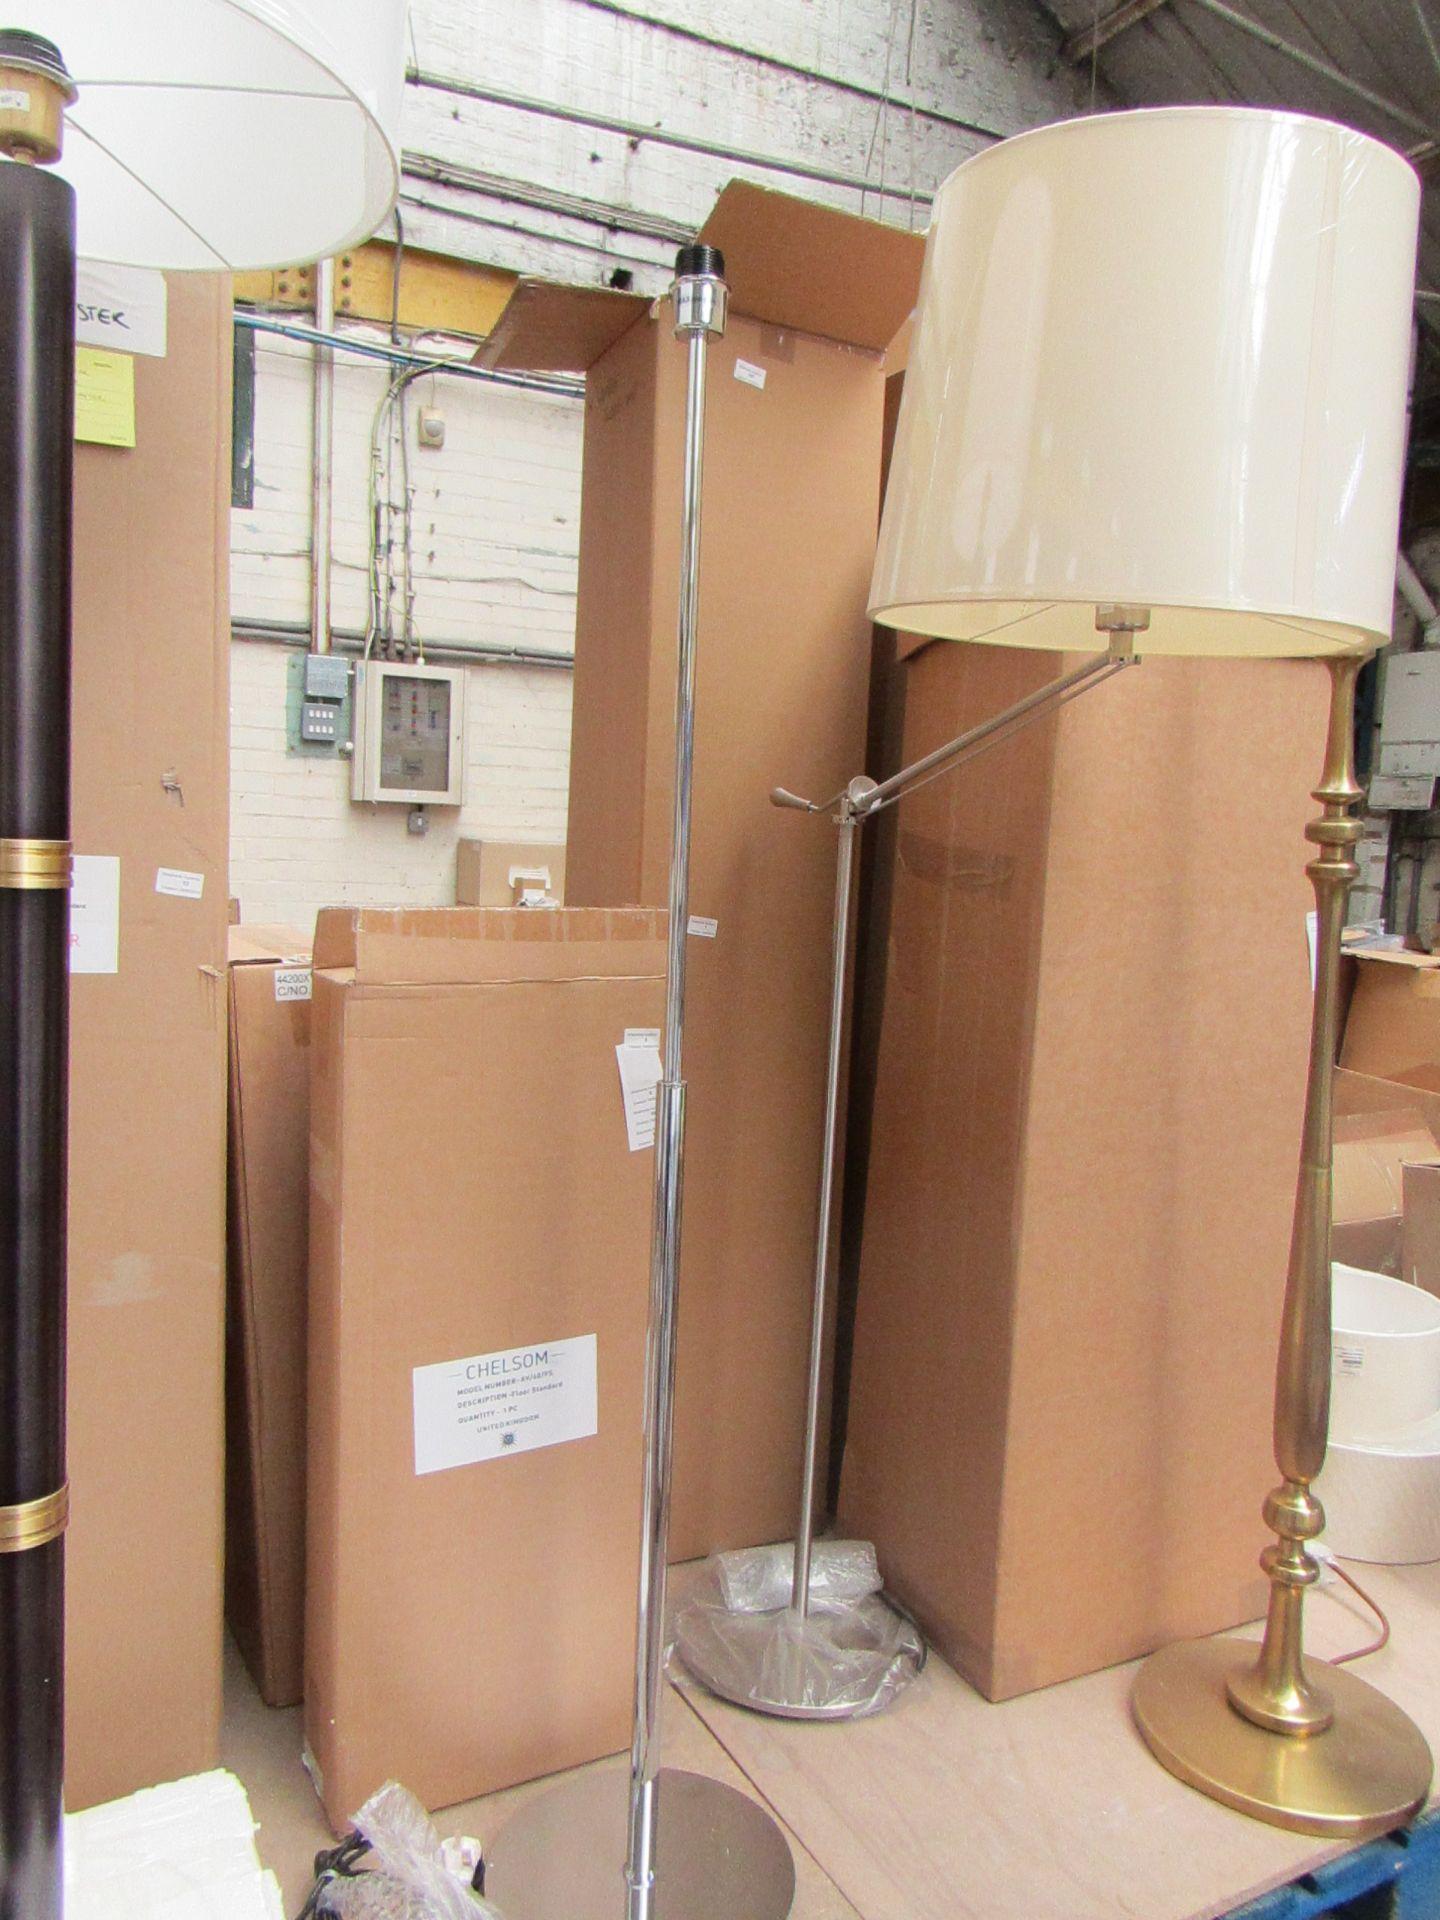 Lot 11 - Cheslom AV/60/FS Chrome Floor lamp, boxed